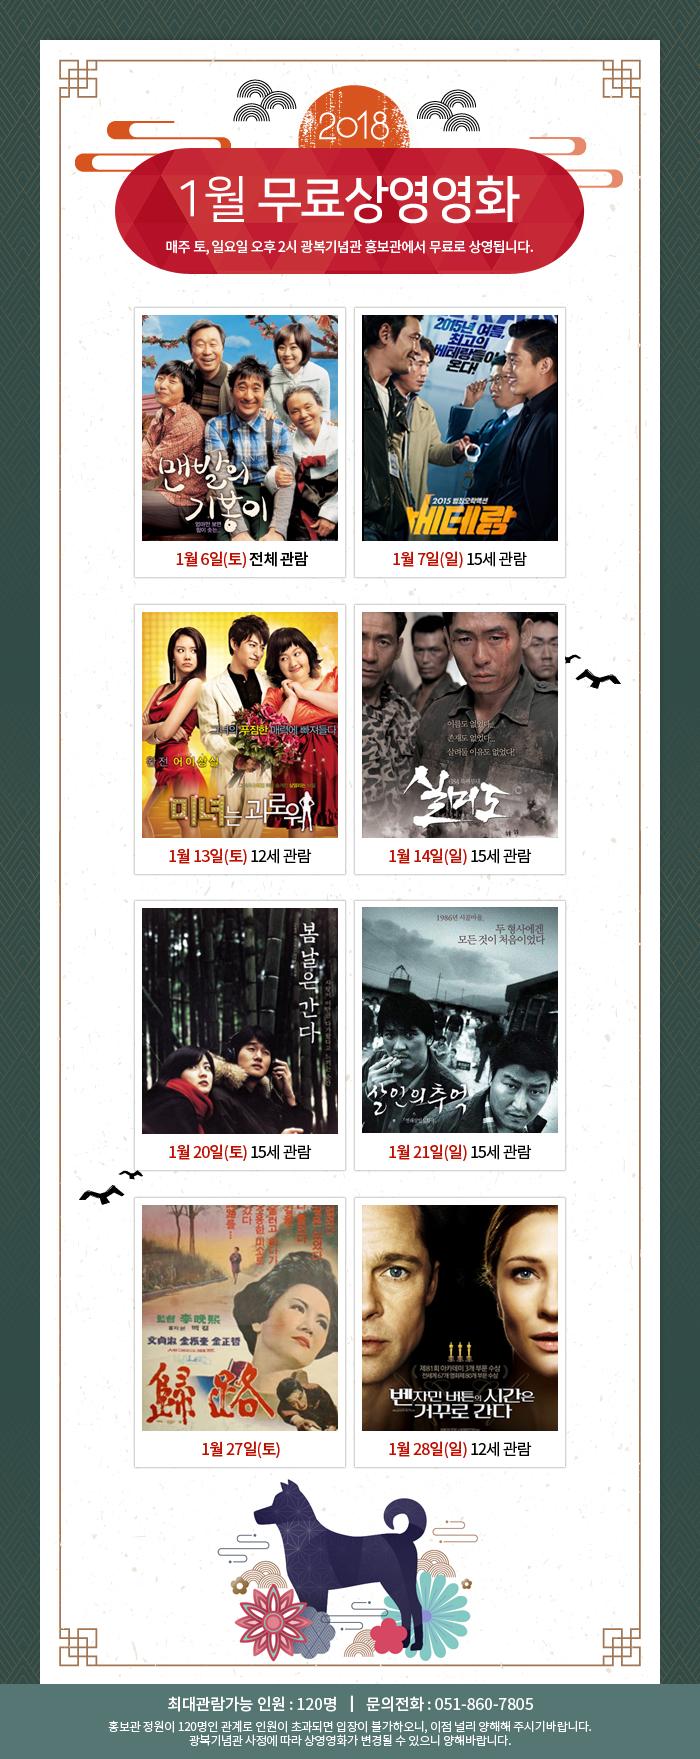 광복기념관 무료영화상영 안내(2018년 1월) 이미지1번째